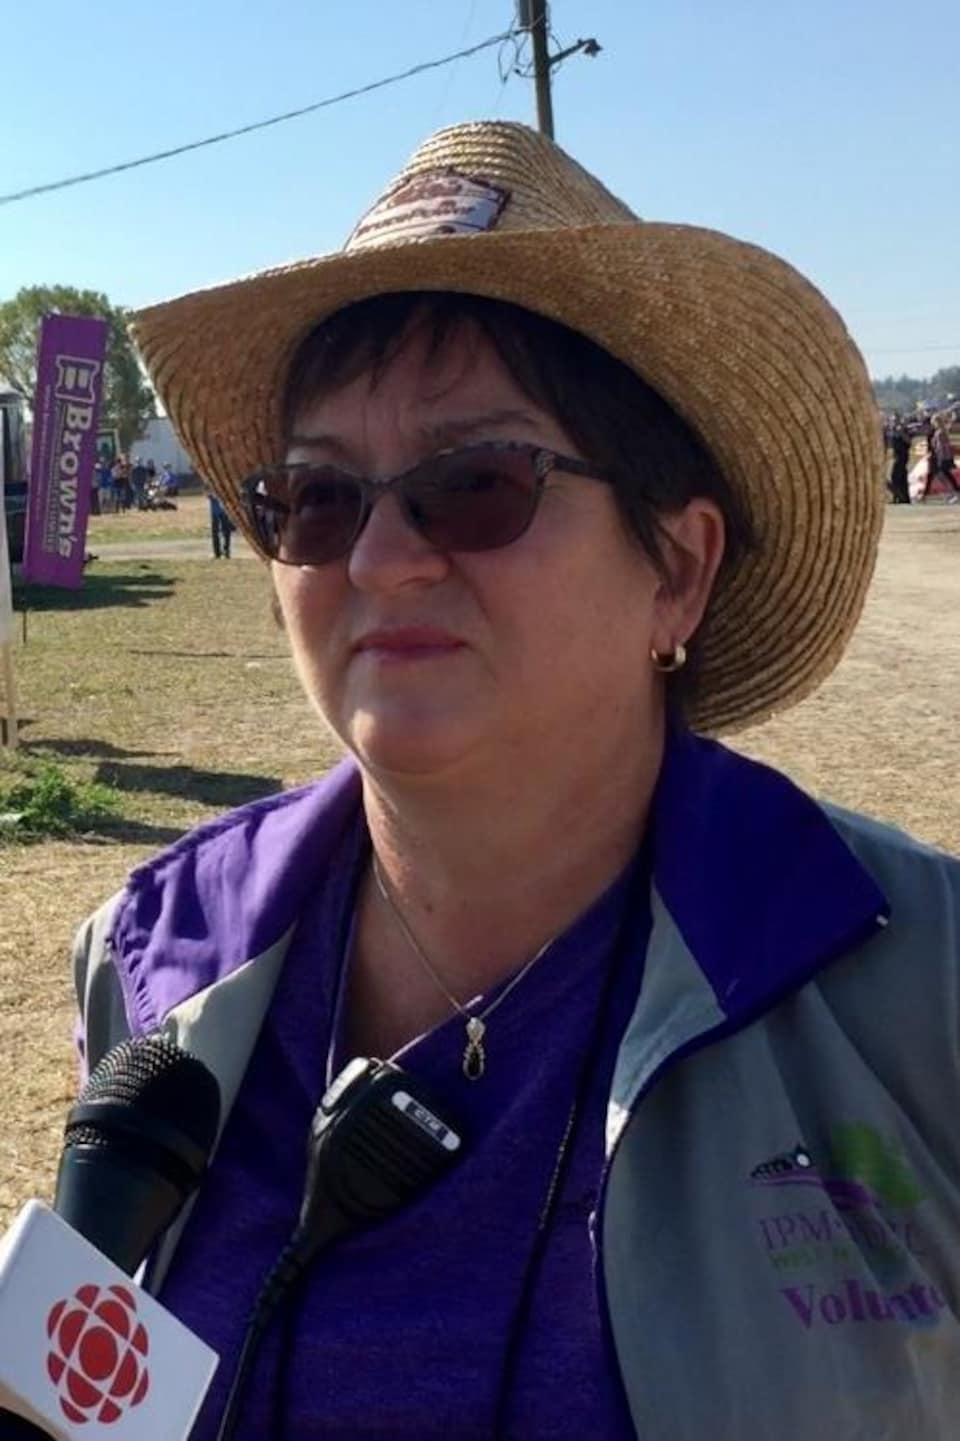 Une femme avec un chapeau sous le soleil dans un festival.